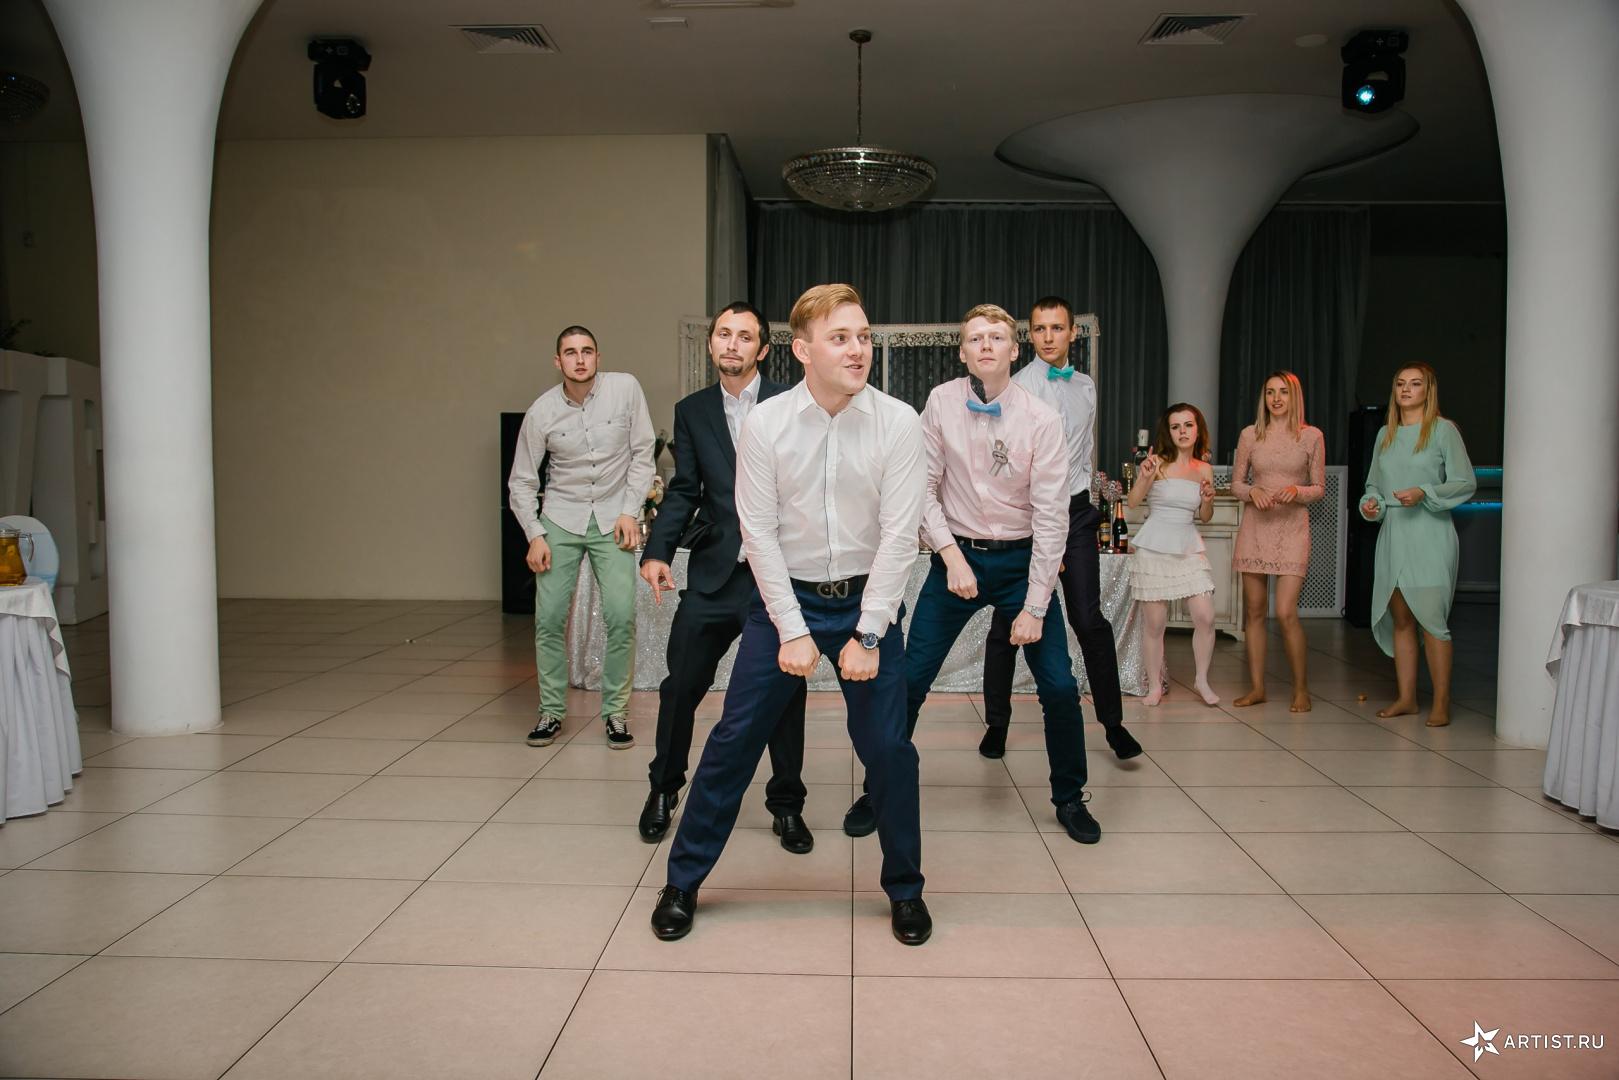 Фото 5 из 15 из альбома Свадьба Анастасии и Дмитрия Андрея Кислого